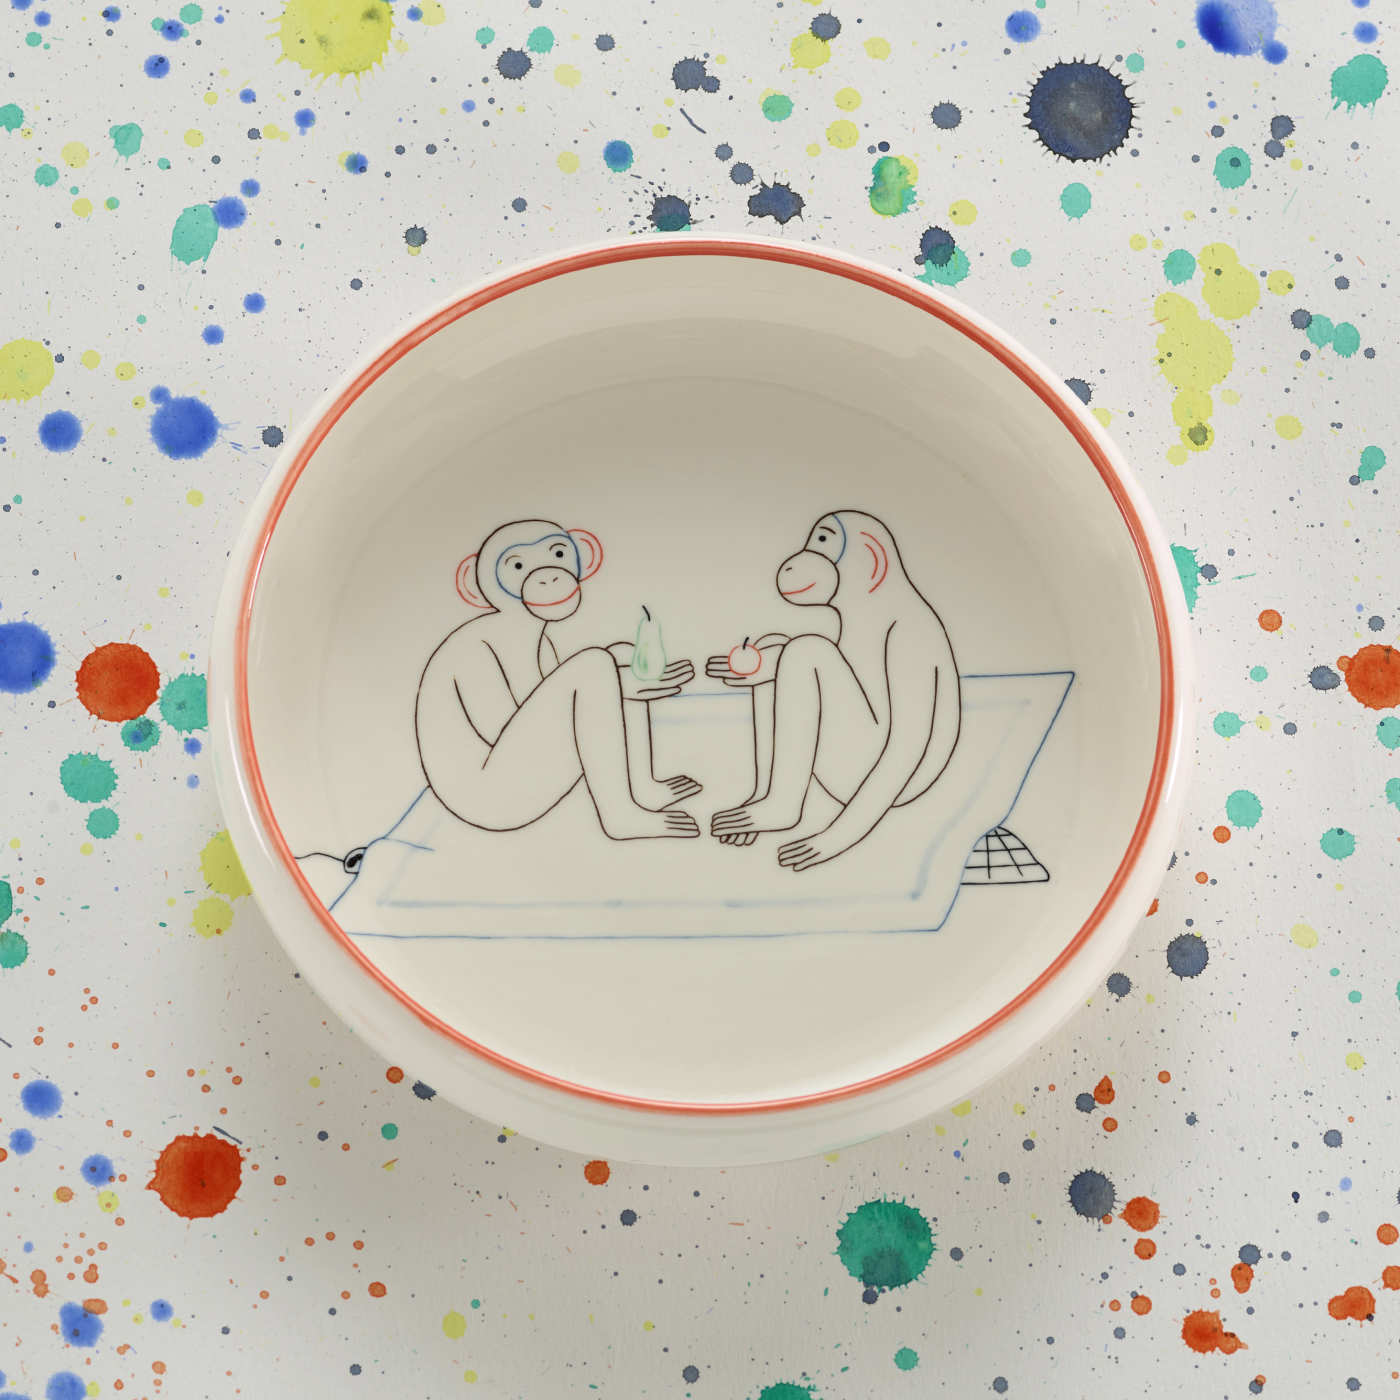 BI_160216_hoi-keramik_kinderteller_ruebisstuebis_03